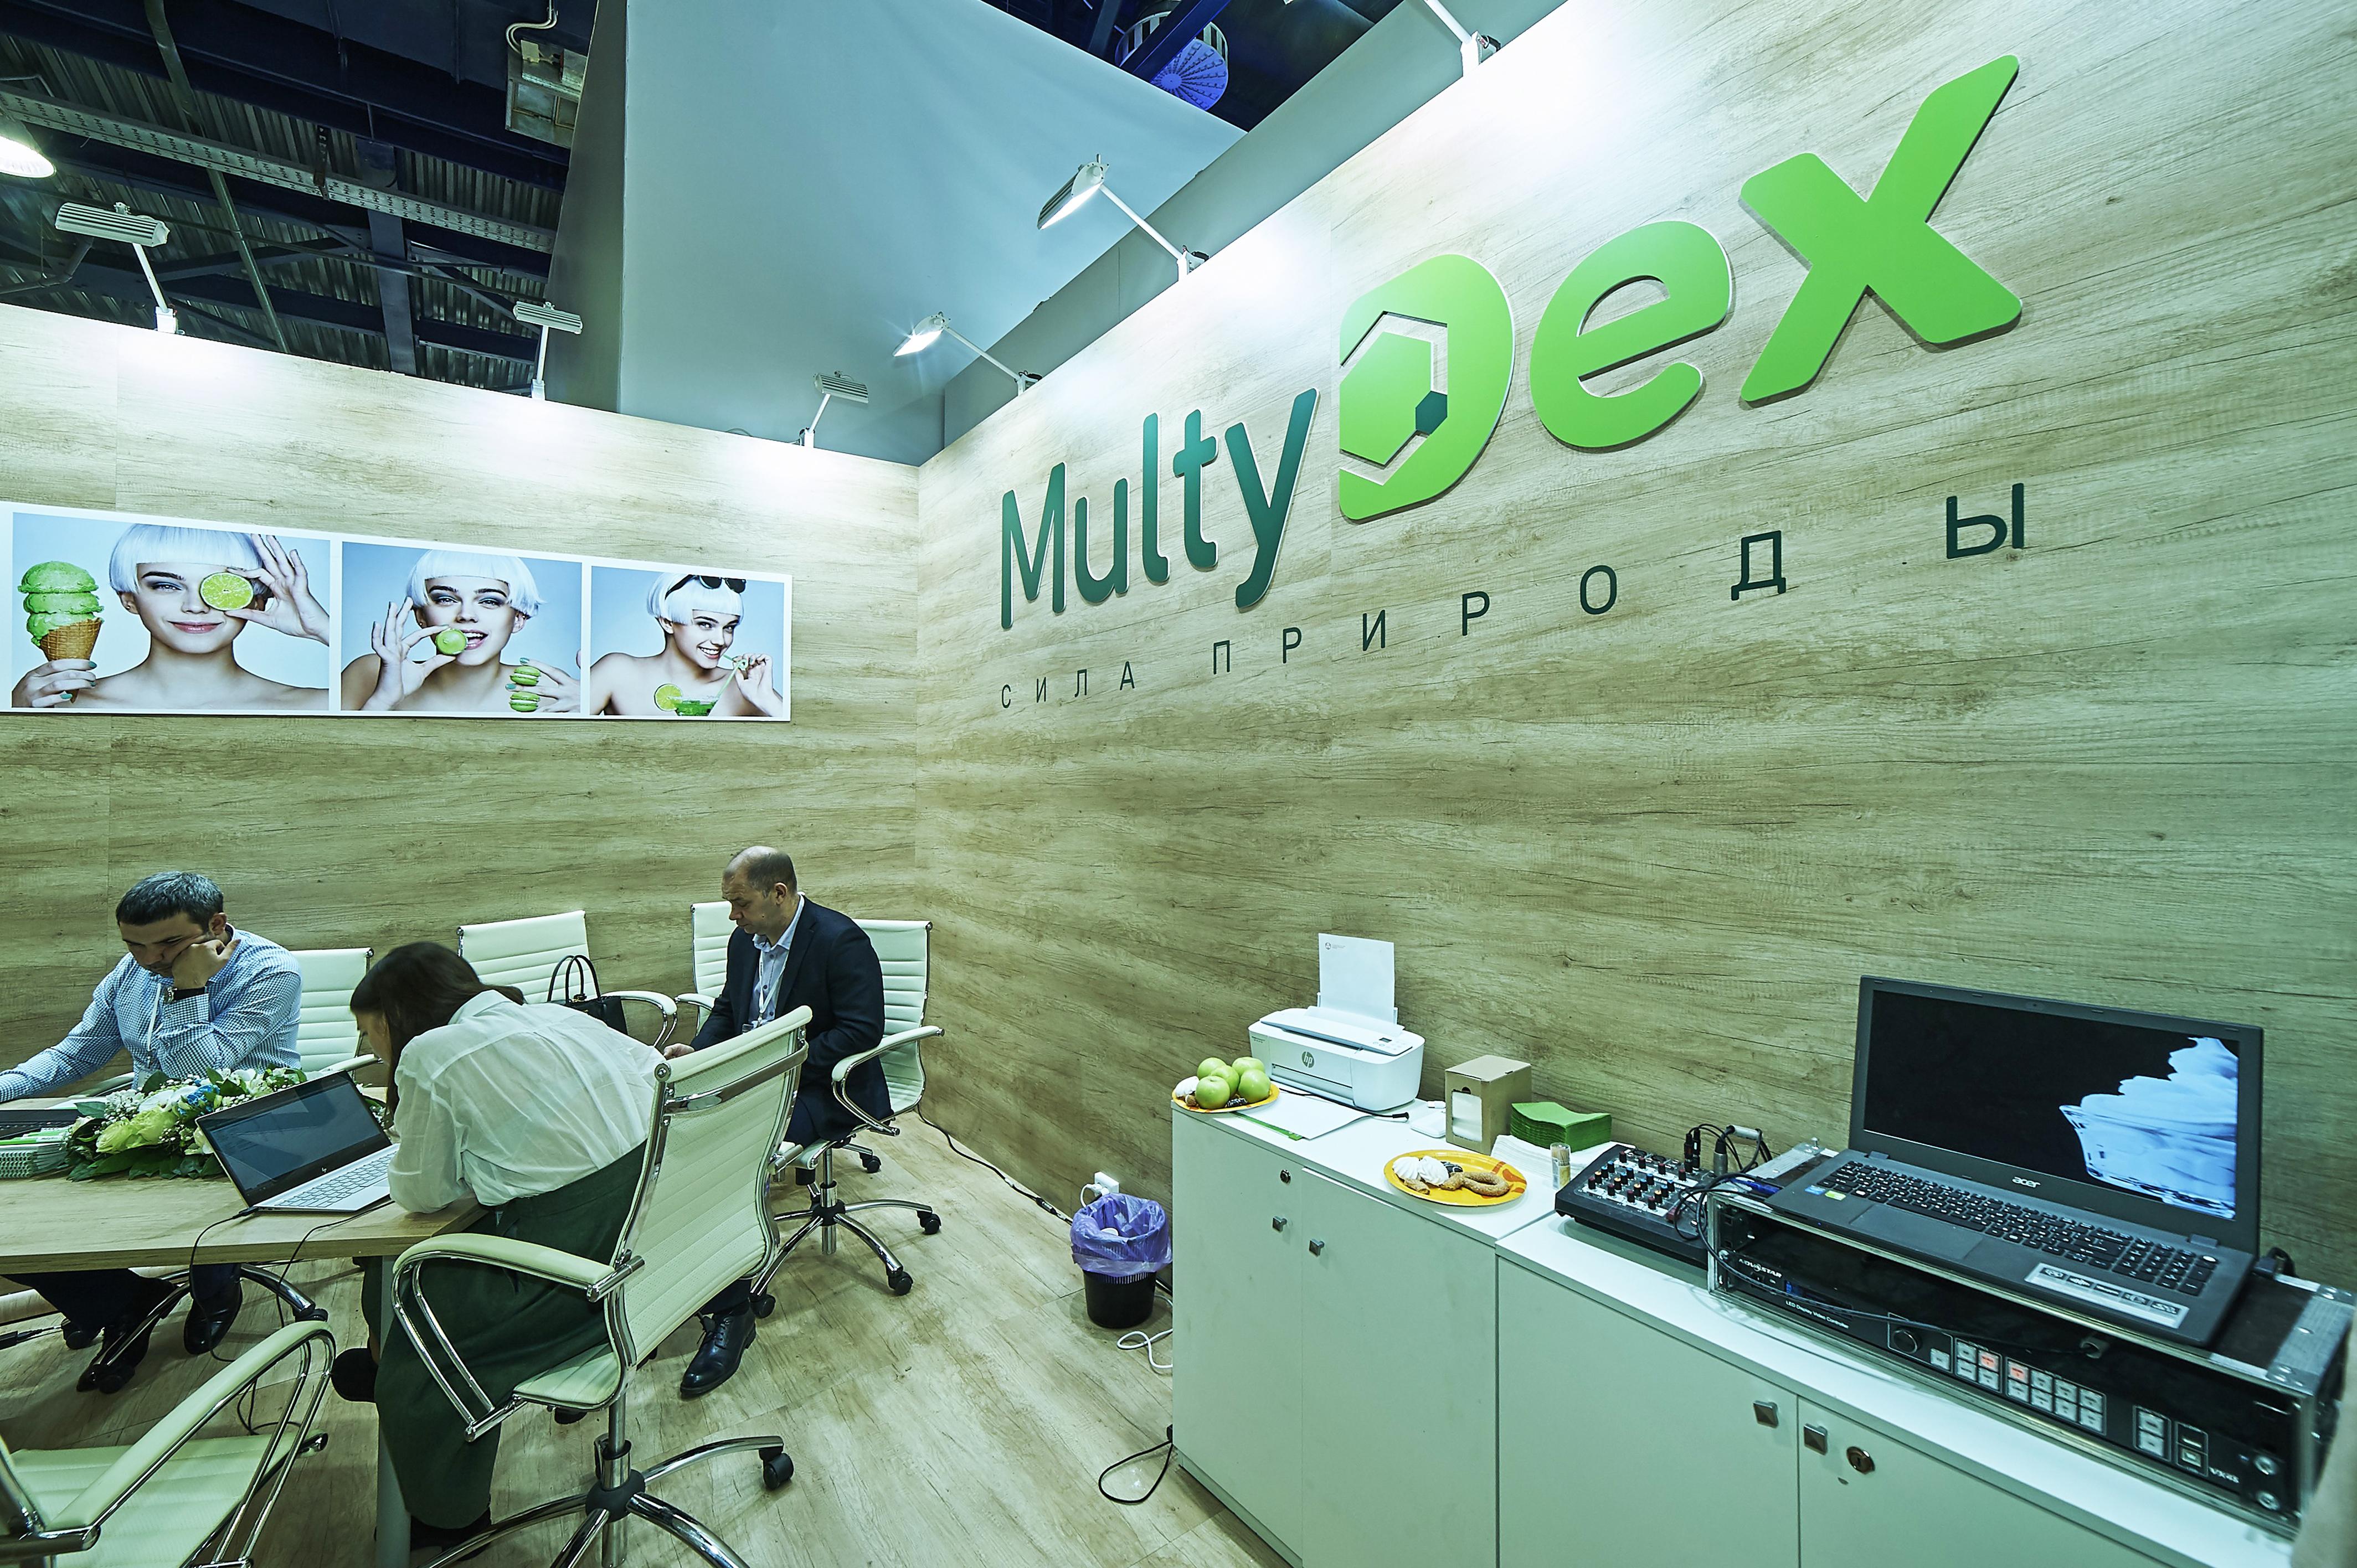 Multidex_300dpi_13